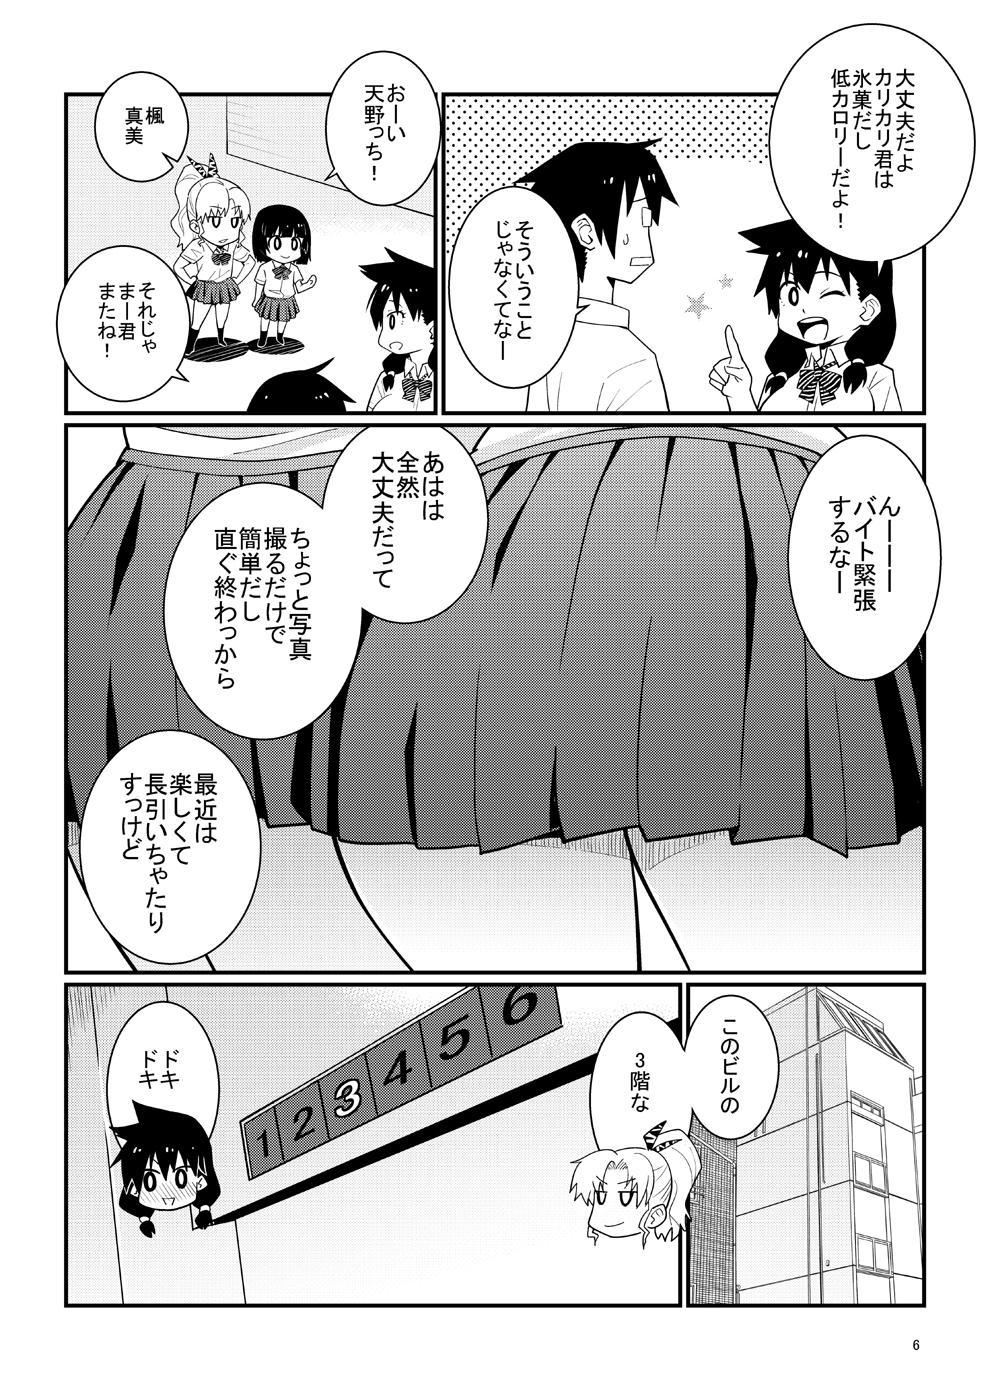 Sukidarake JK no Natsuyasumi Enkou Debut! 4